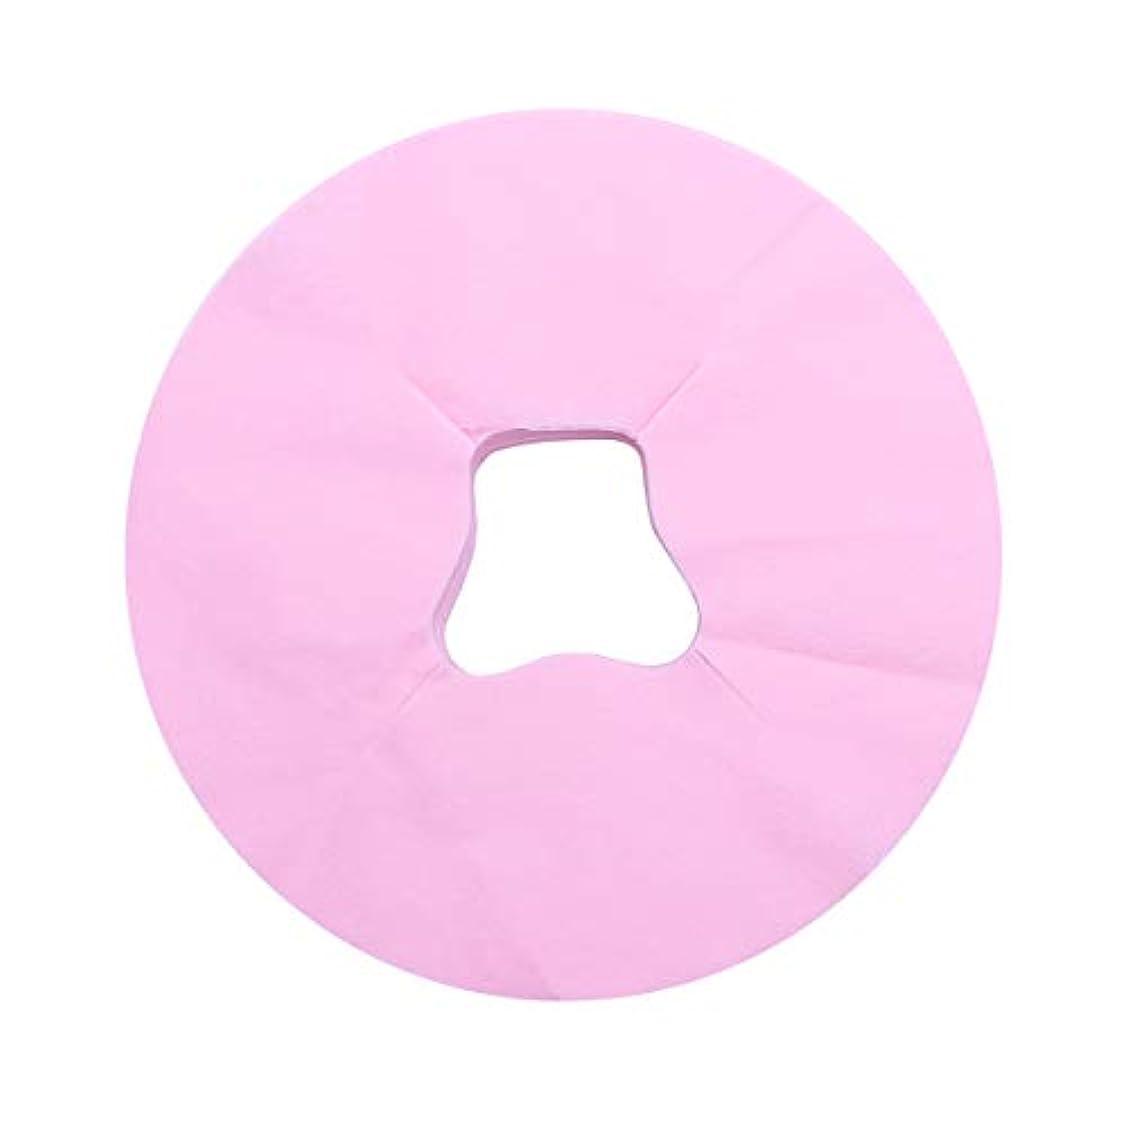 見つけるどれトラブルHealifty 100シートマッサージフェイスピローカバー使い捨てフェイスカバーパッドフェイスホールピローフェイシャルベッドサロンスパヘッドレストピローシート(ピンク)